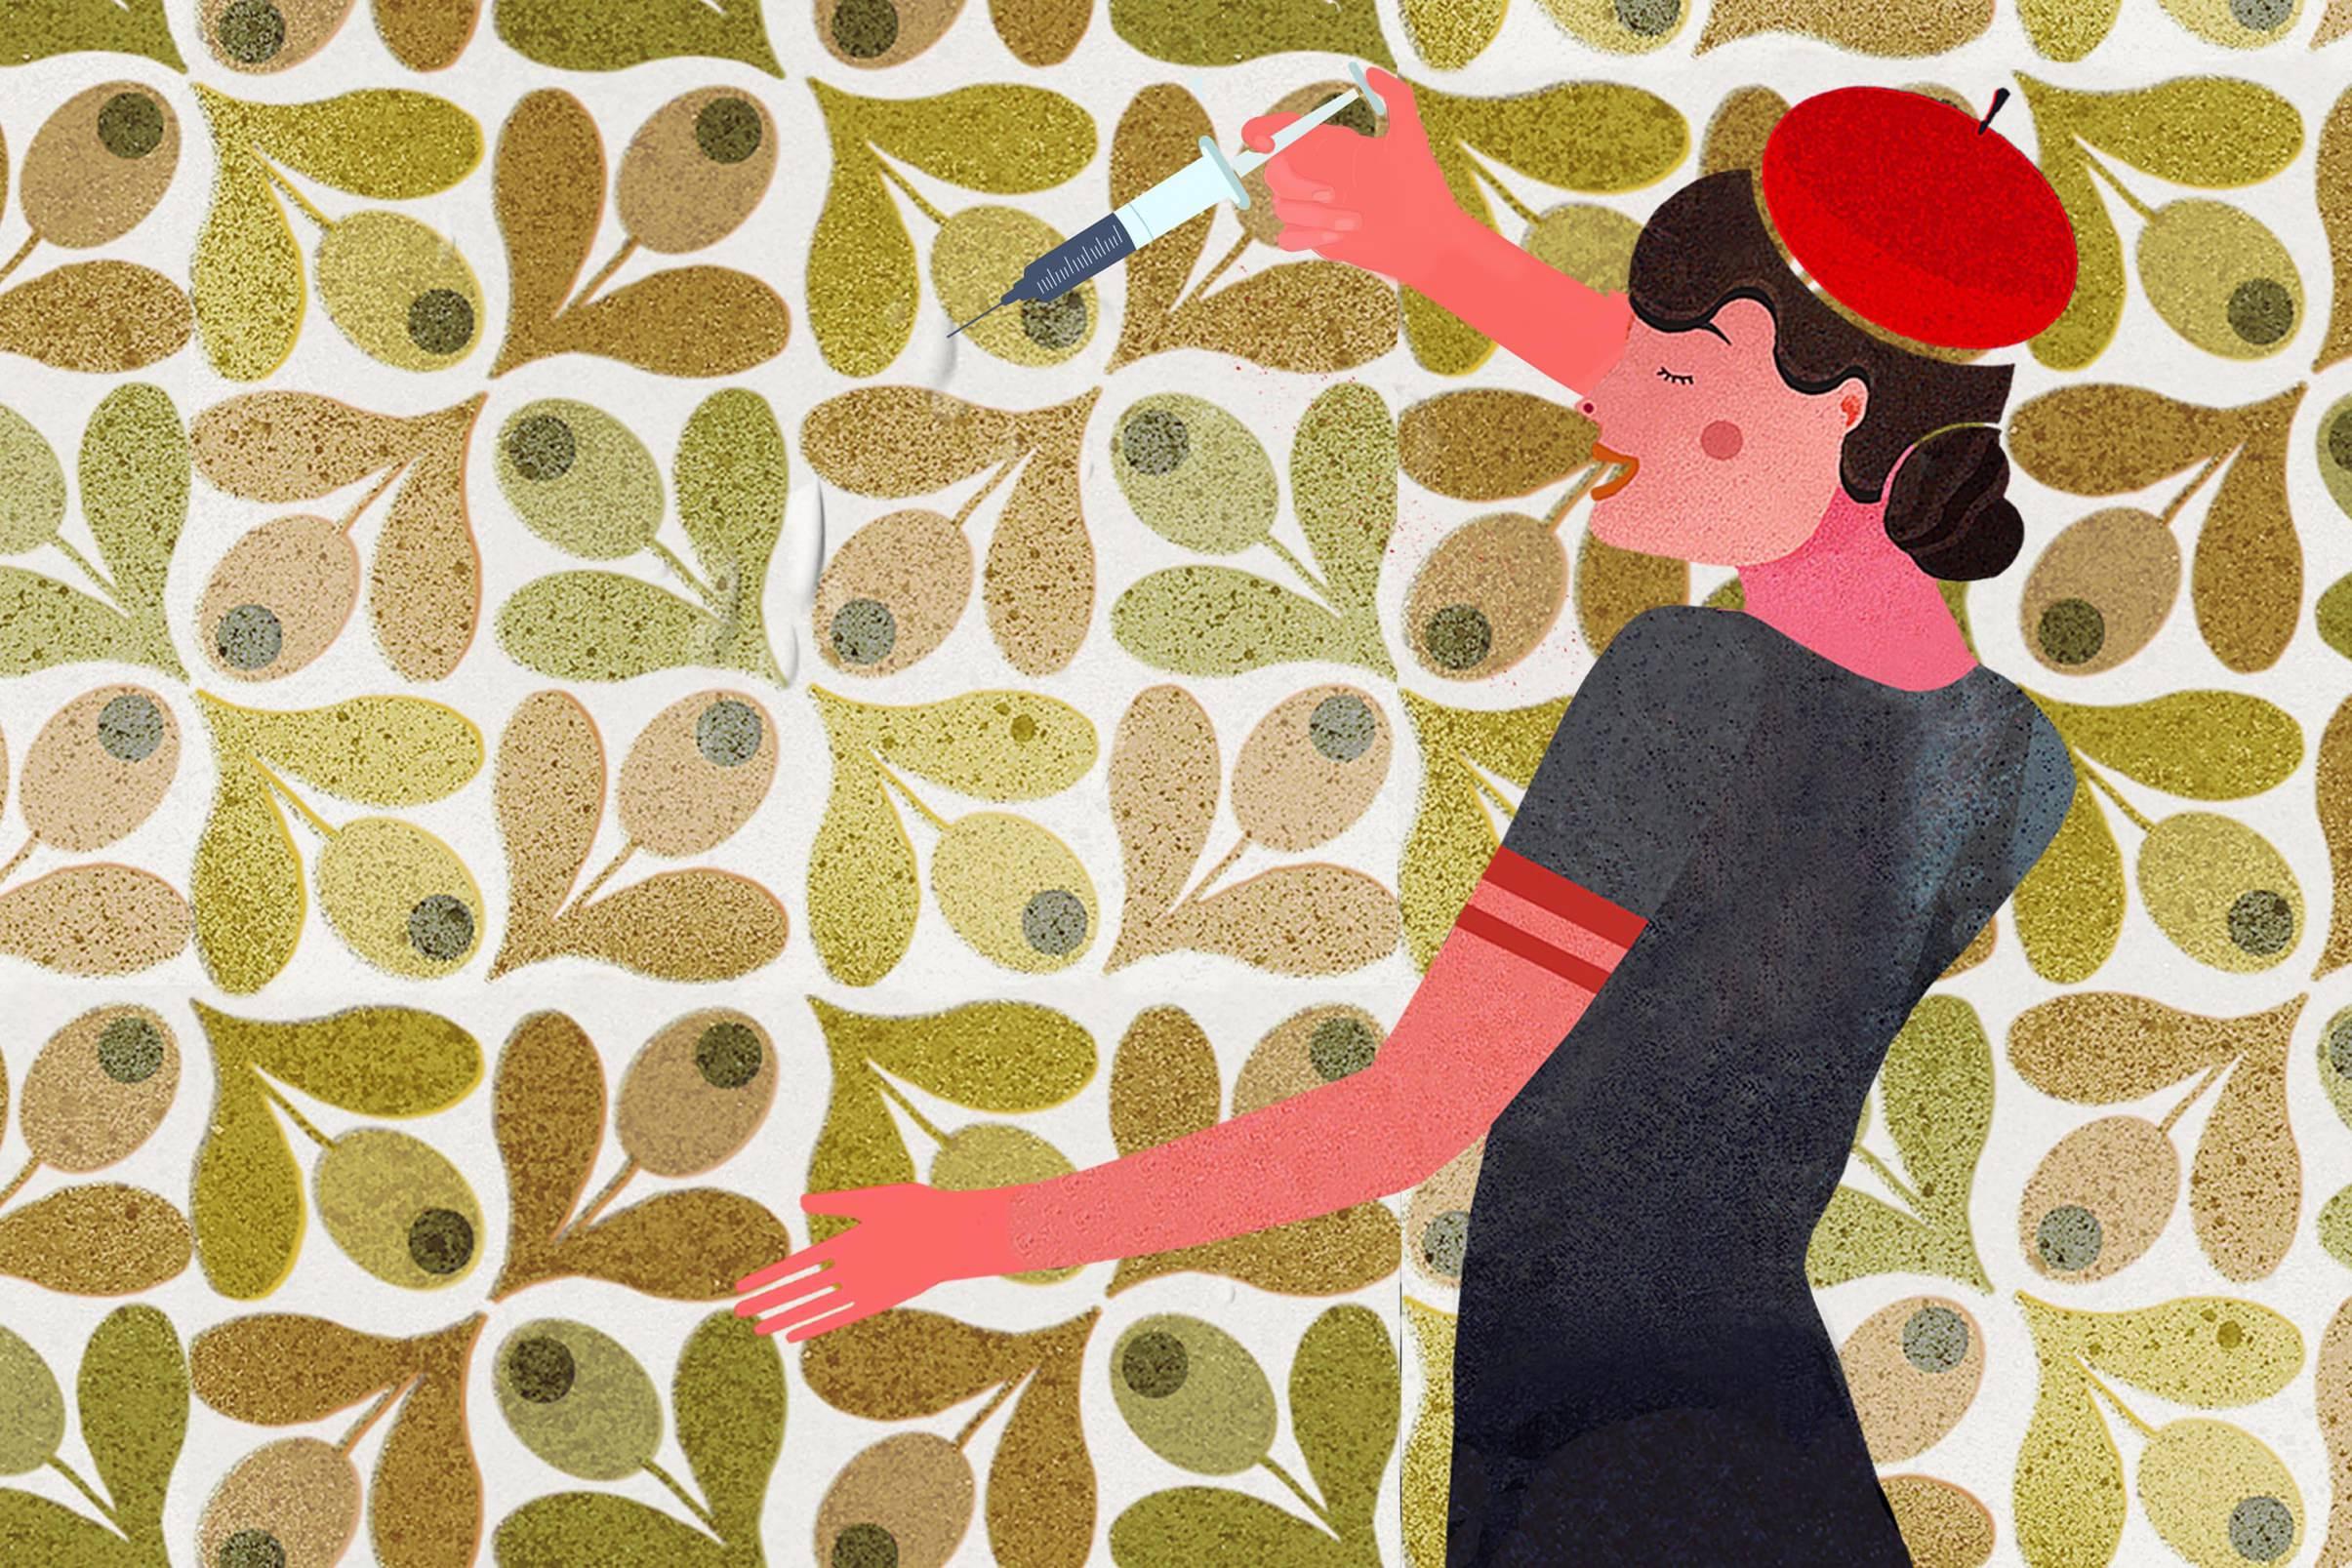 Tapeten-Blasen-mit-Leimspritze-entfernen